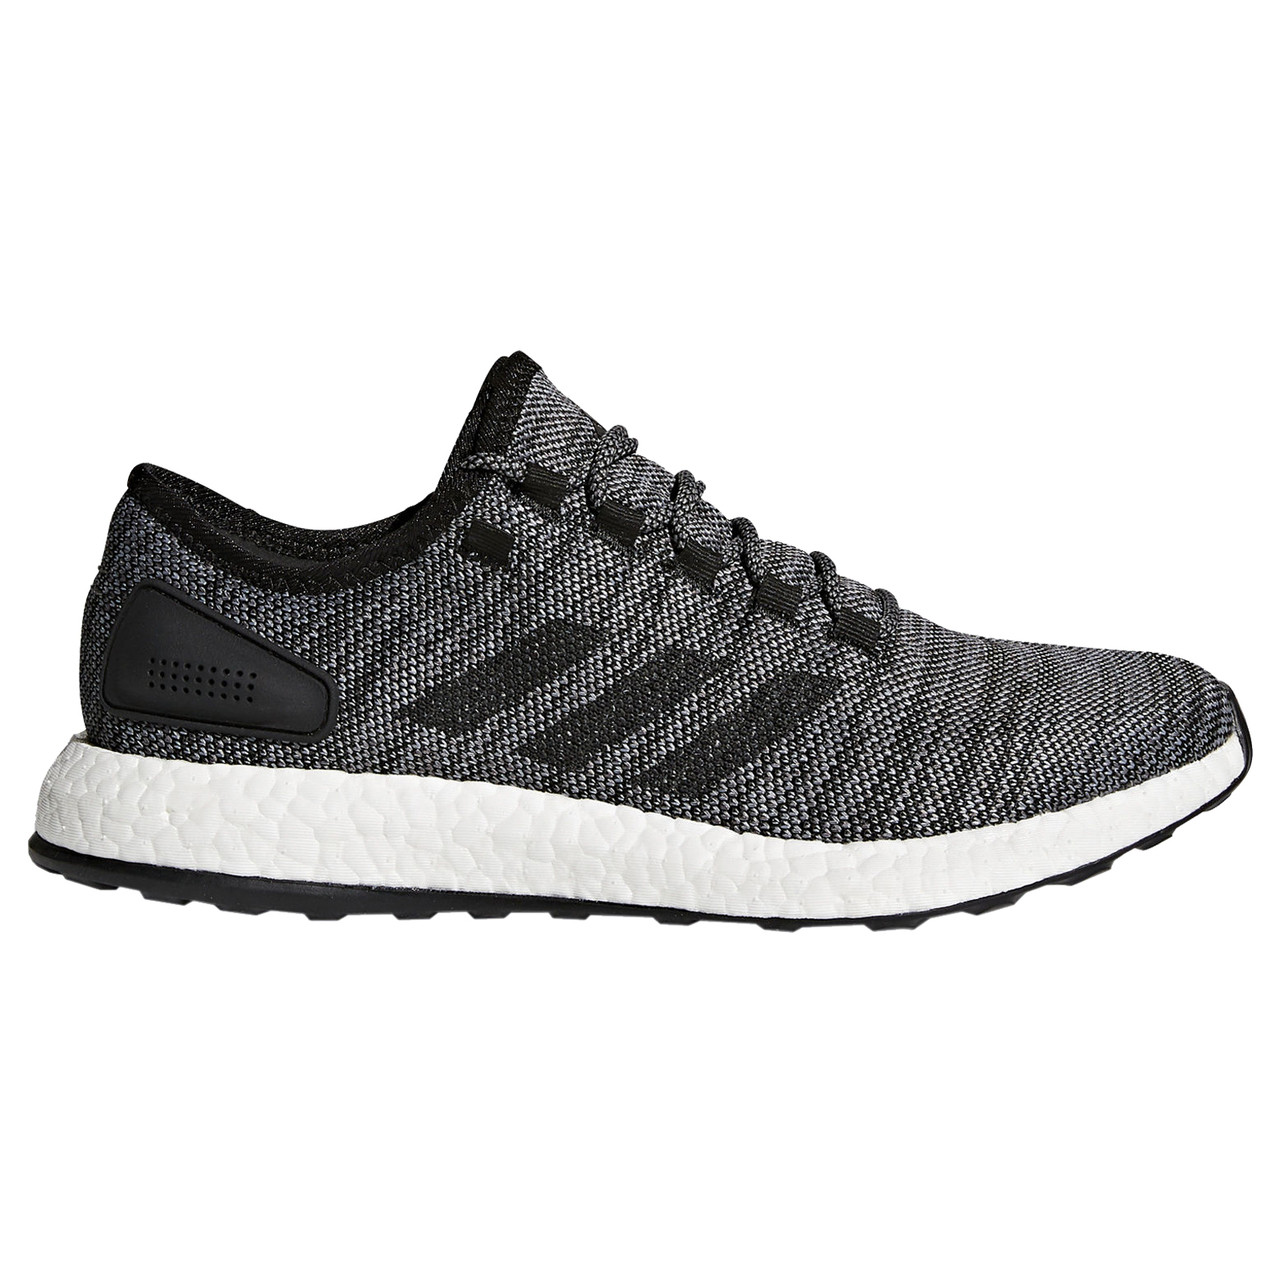 Adidas pureboost All Terrain hombre  zapatilla mejor precio